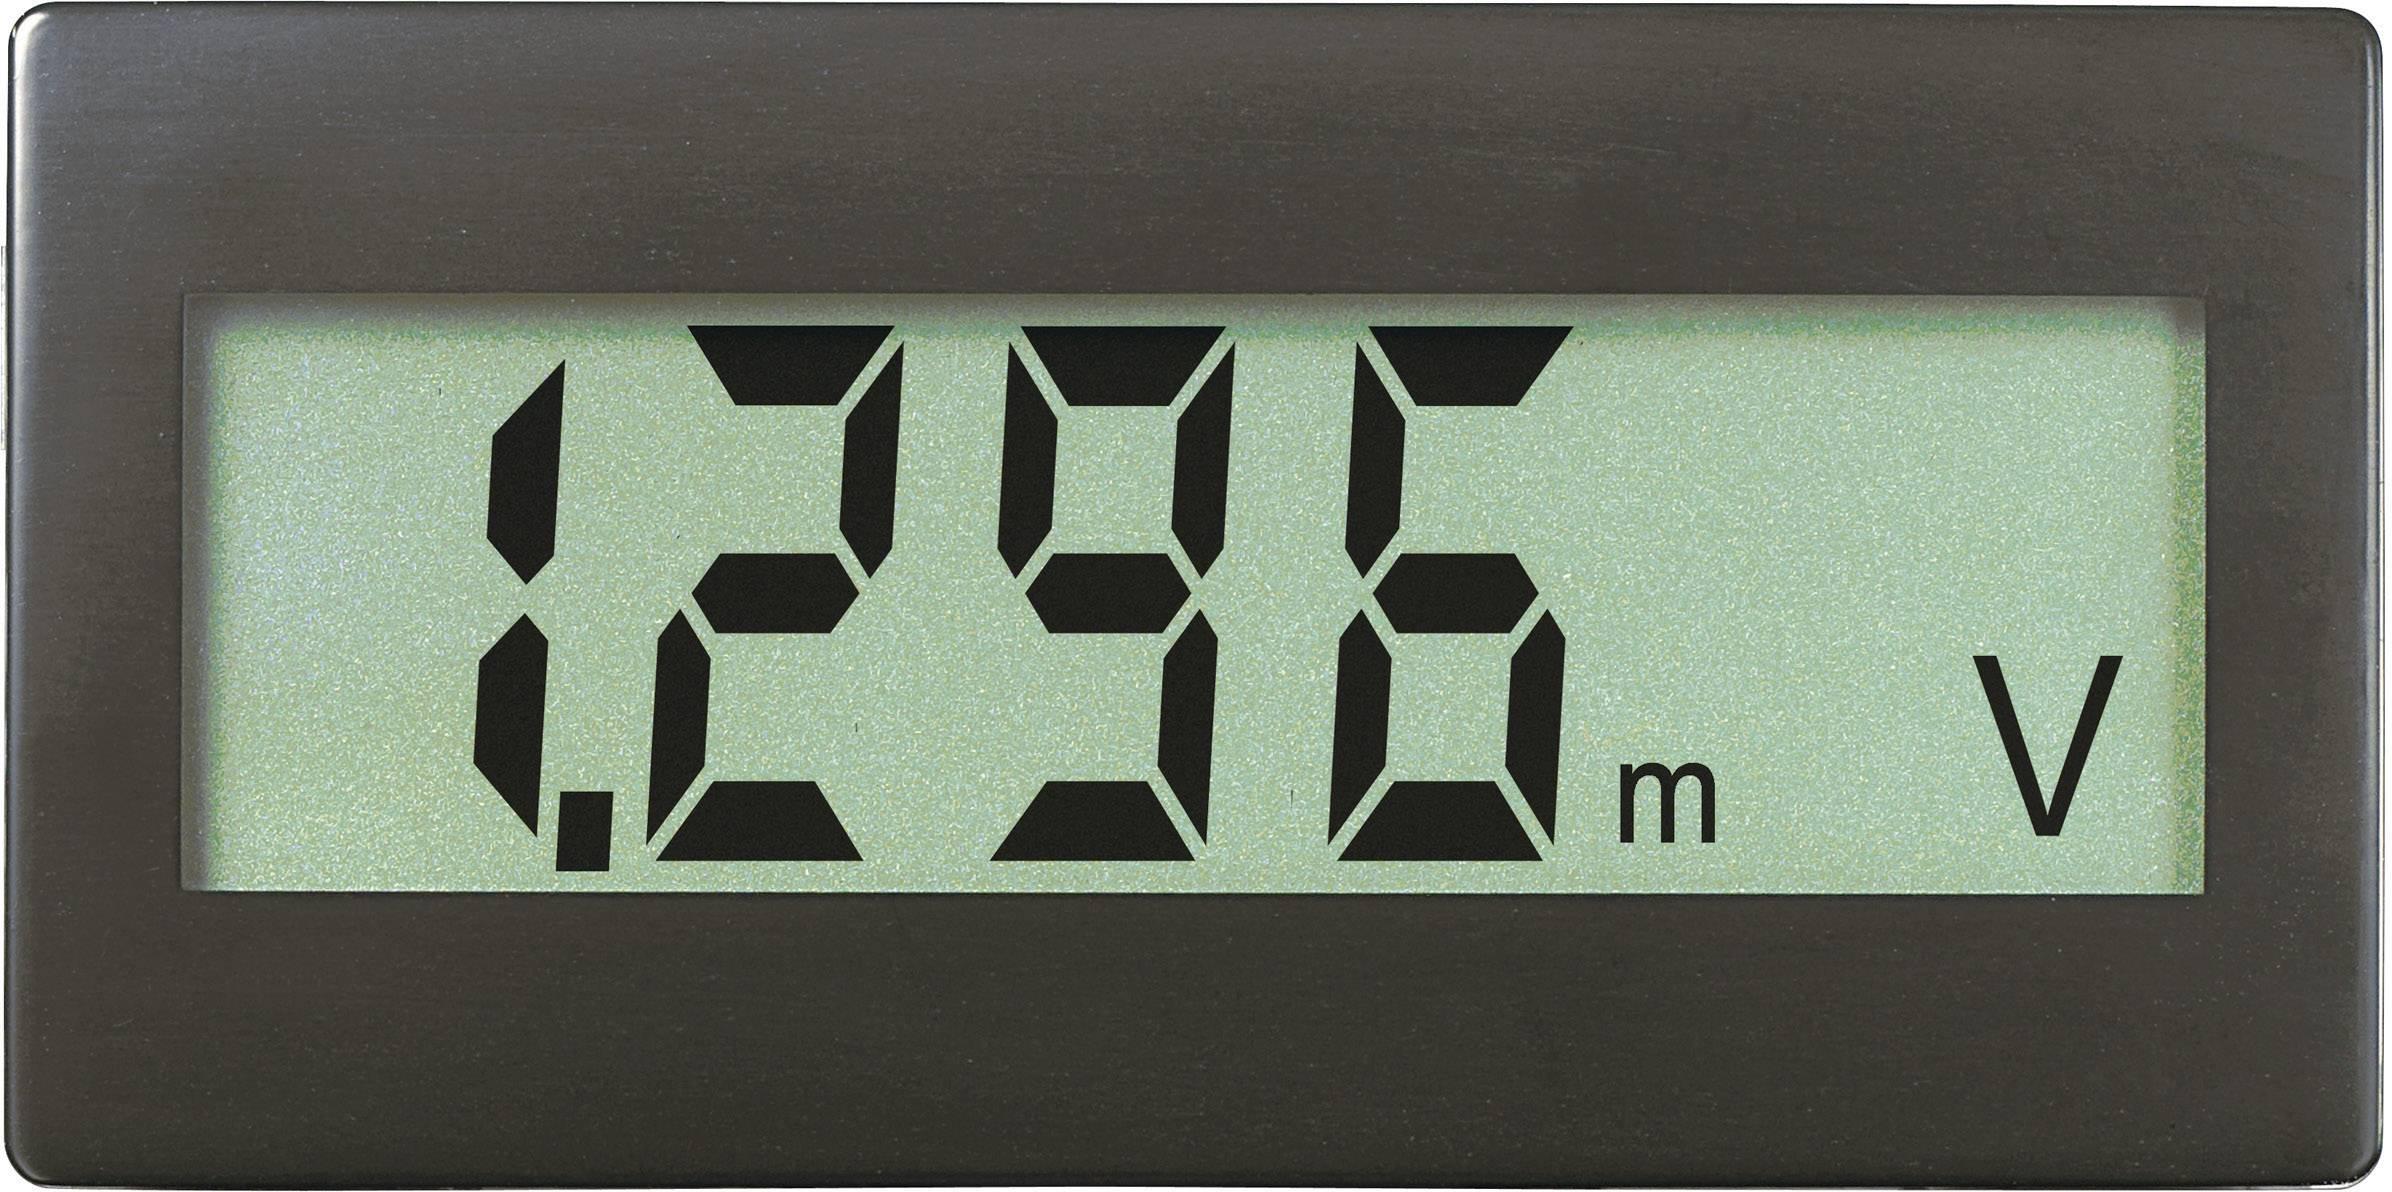 Panelové měřidlo Voltcraft DVM-330, 68 x 33 mm, ±199,9 mV